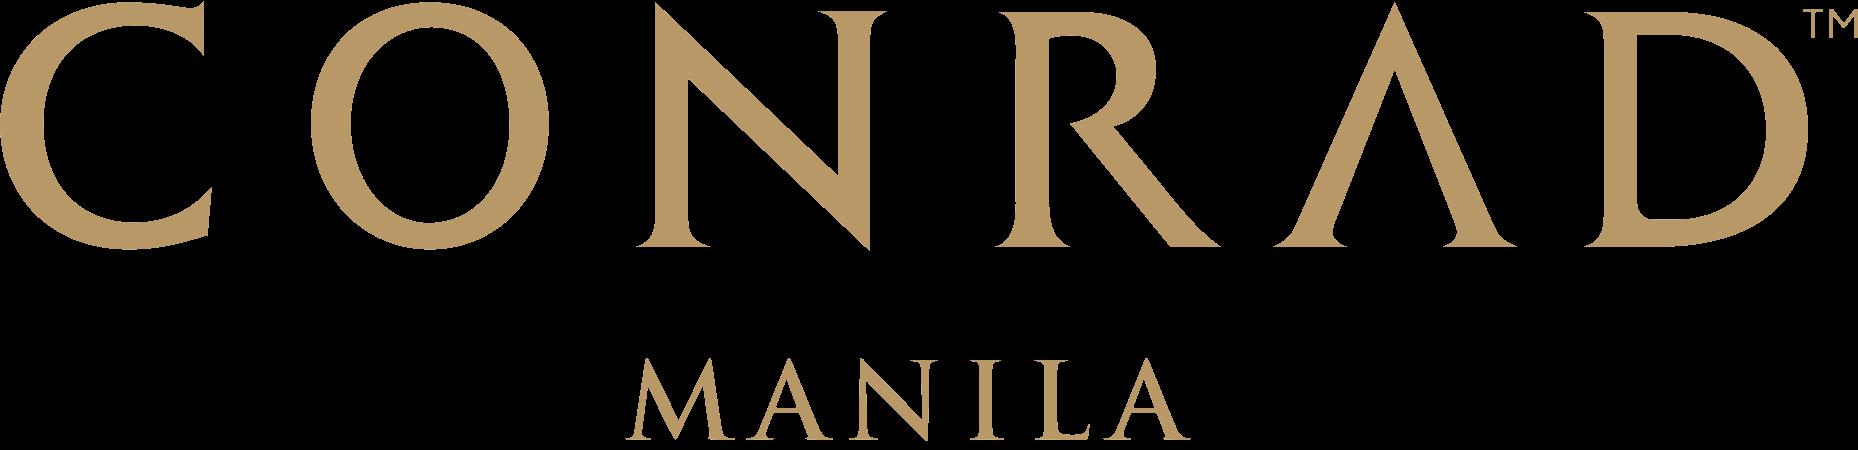 fileconrad manila logopng wikimedia commons